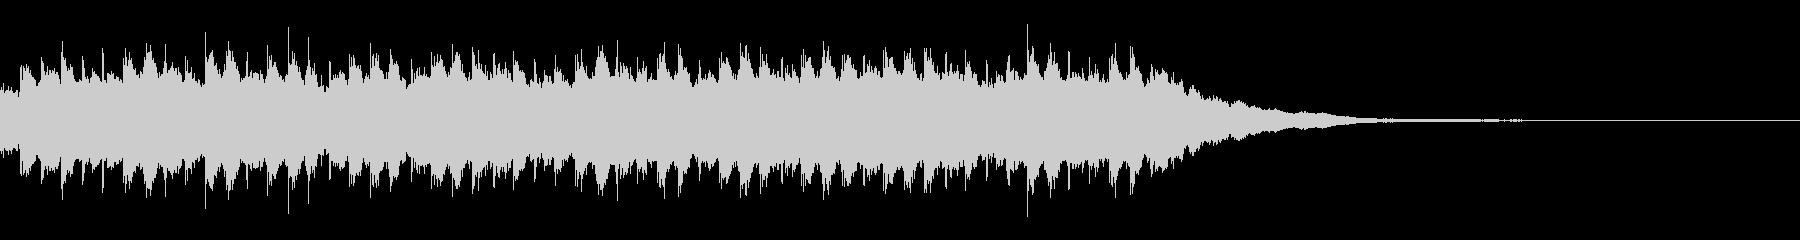 かわいい音色のハンドベルのアラーム音の未再生の波形